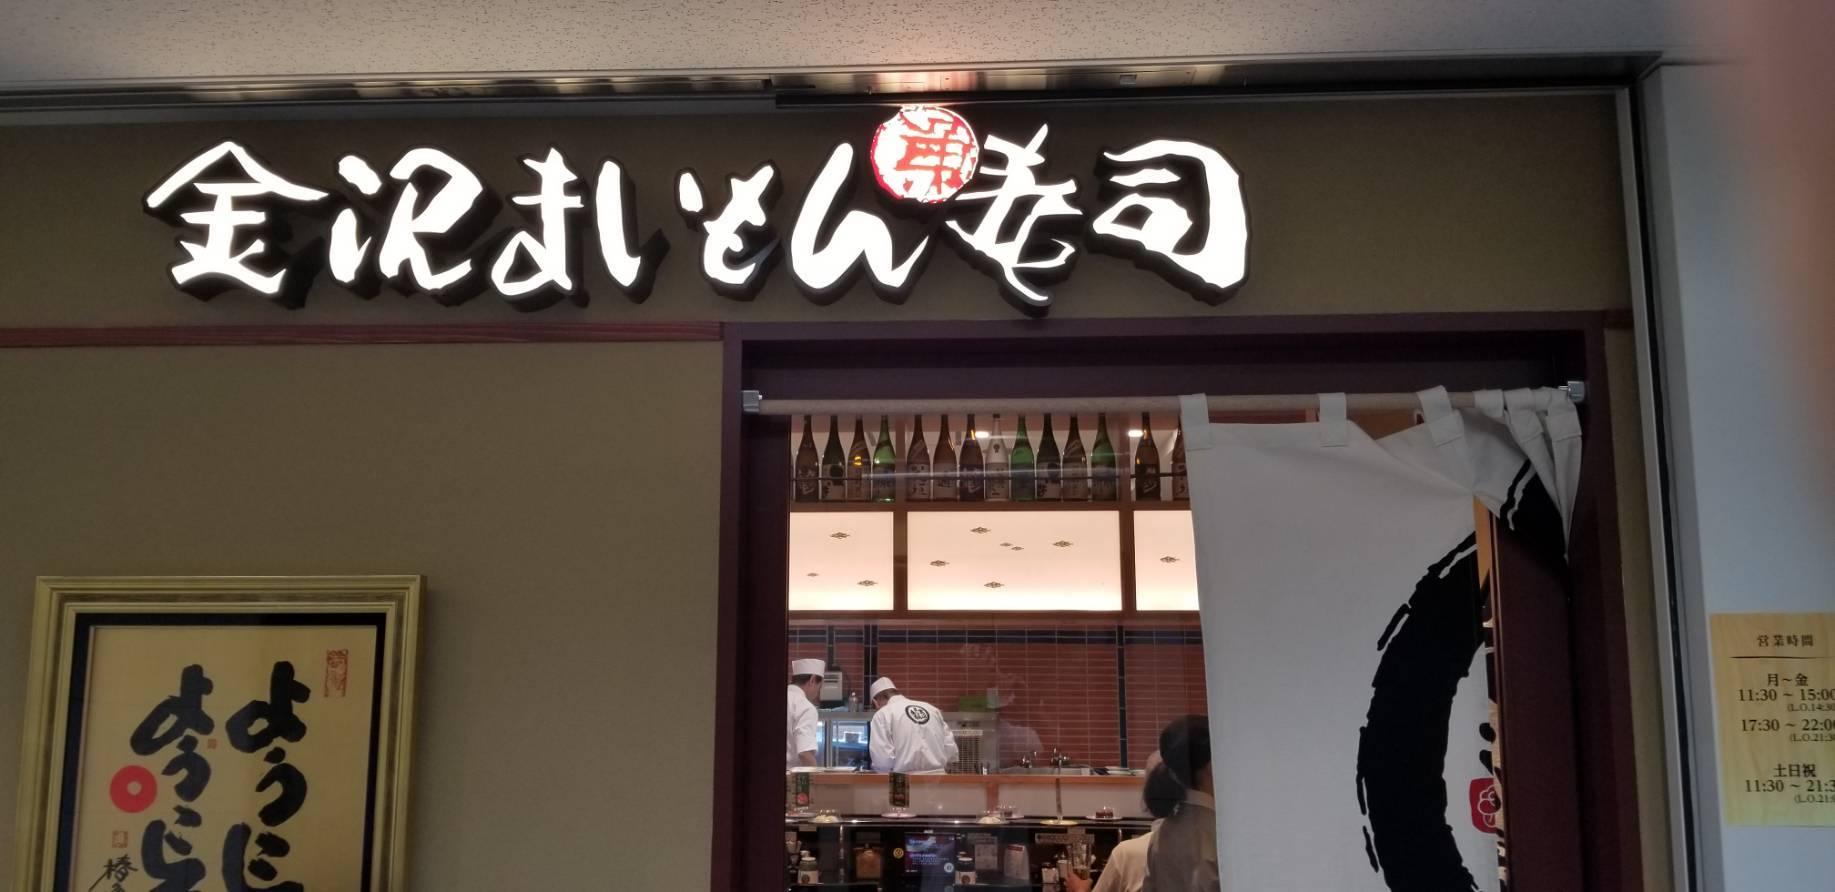 北陸の海の幸を「金沢まいもん寿司」@三軒茶屋で。_a0223786_16371272.jpg